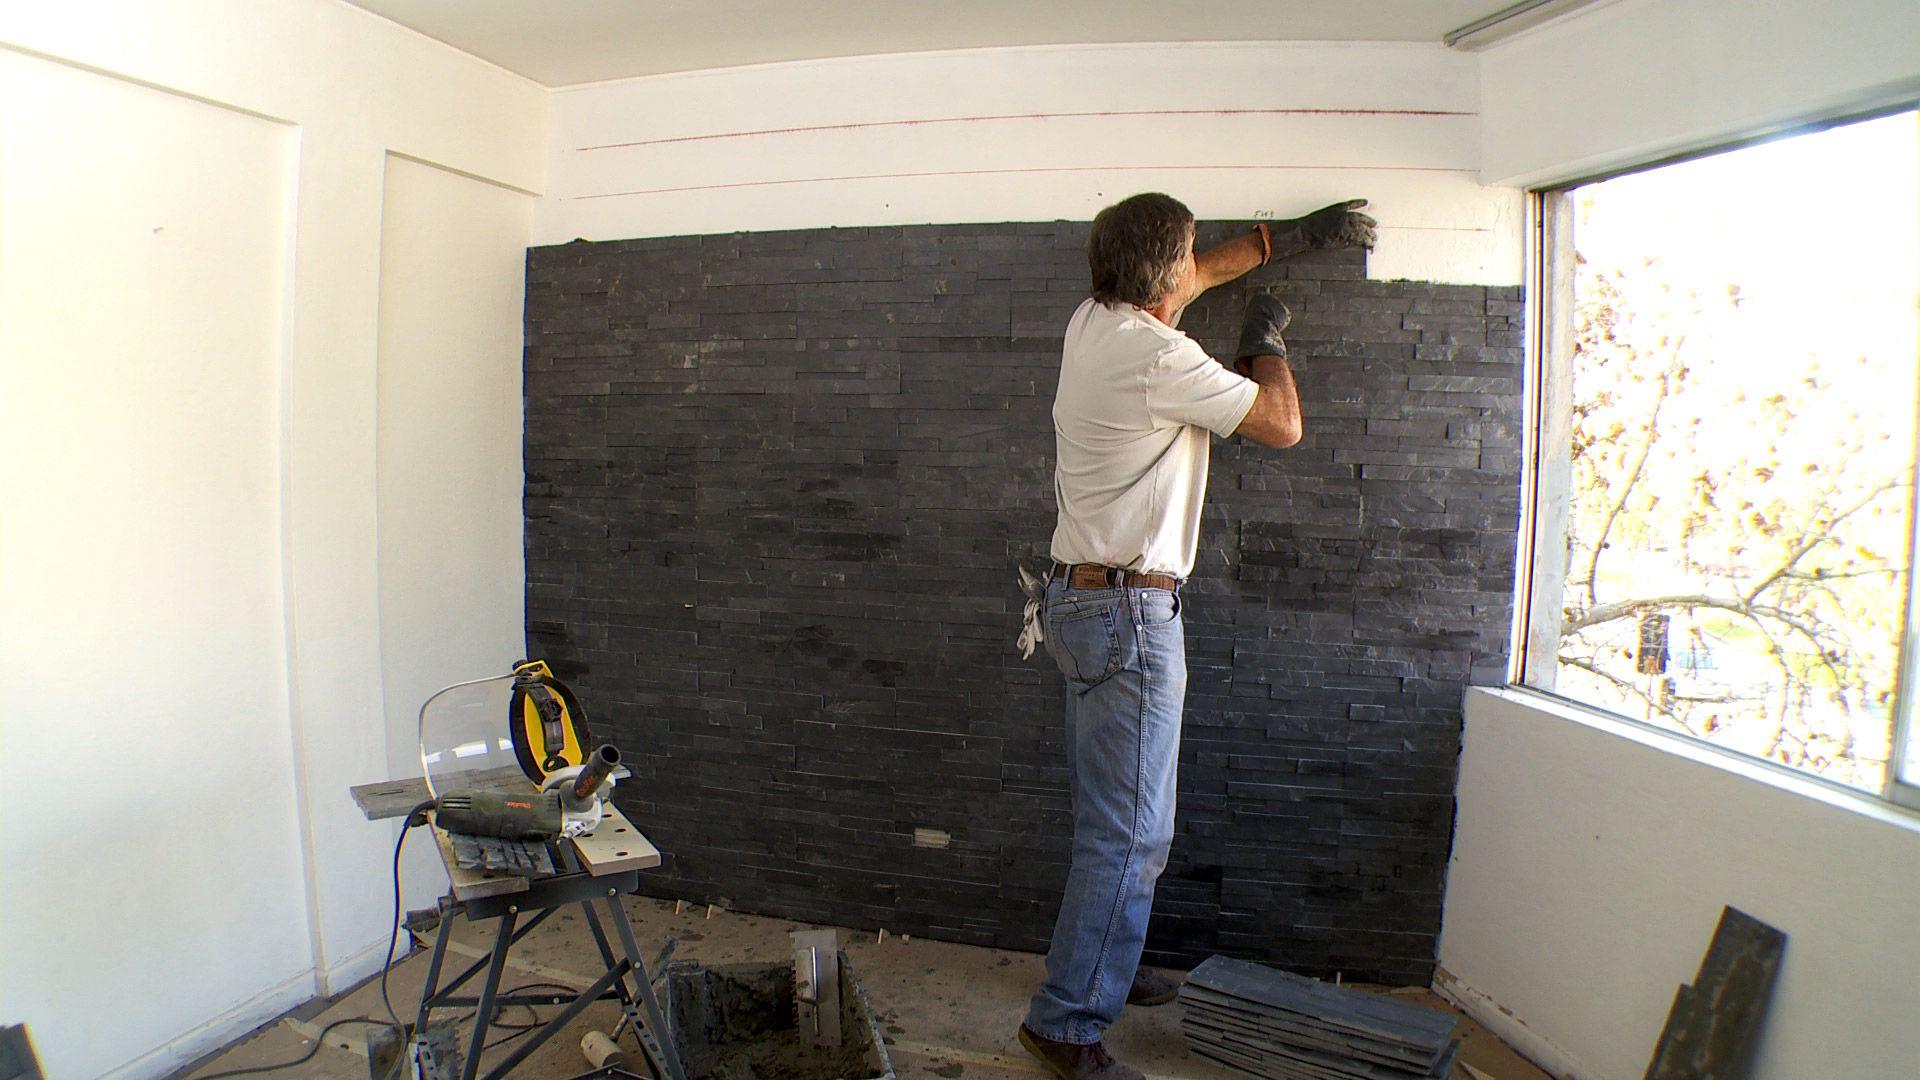 Queremos proponer una alternativa para decorar los muros - Revestimiento de muros ...